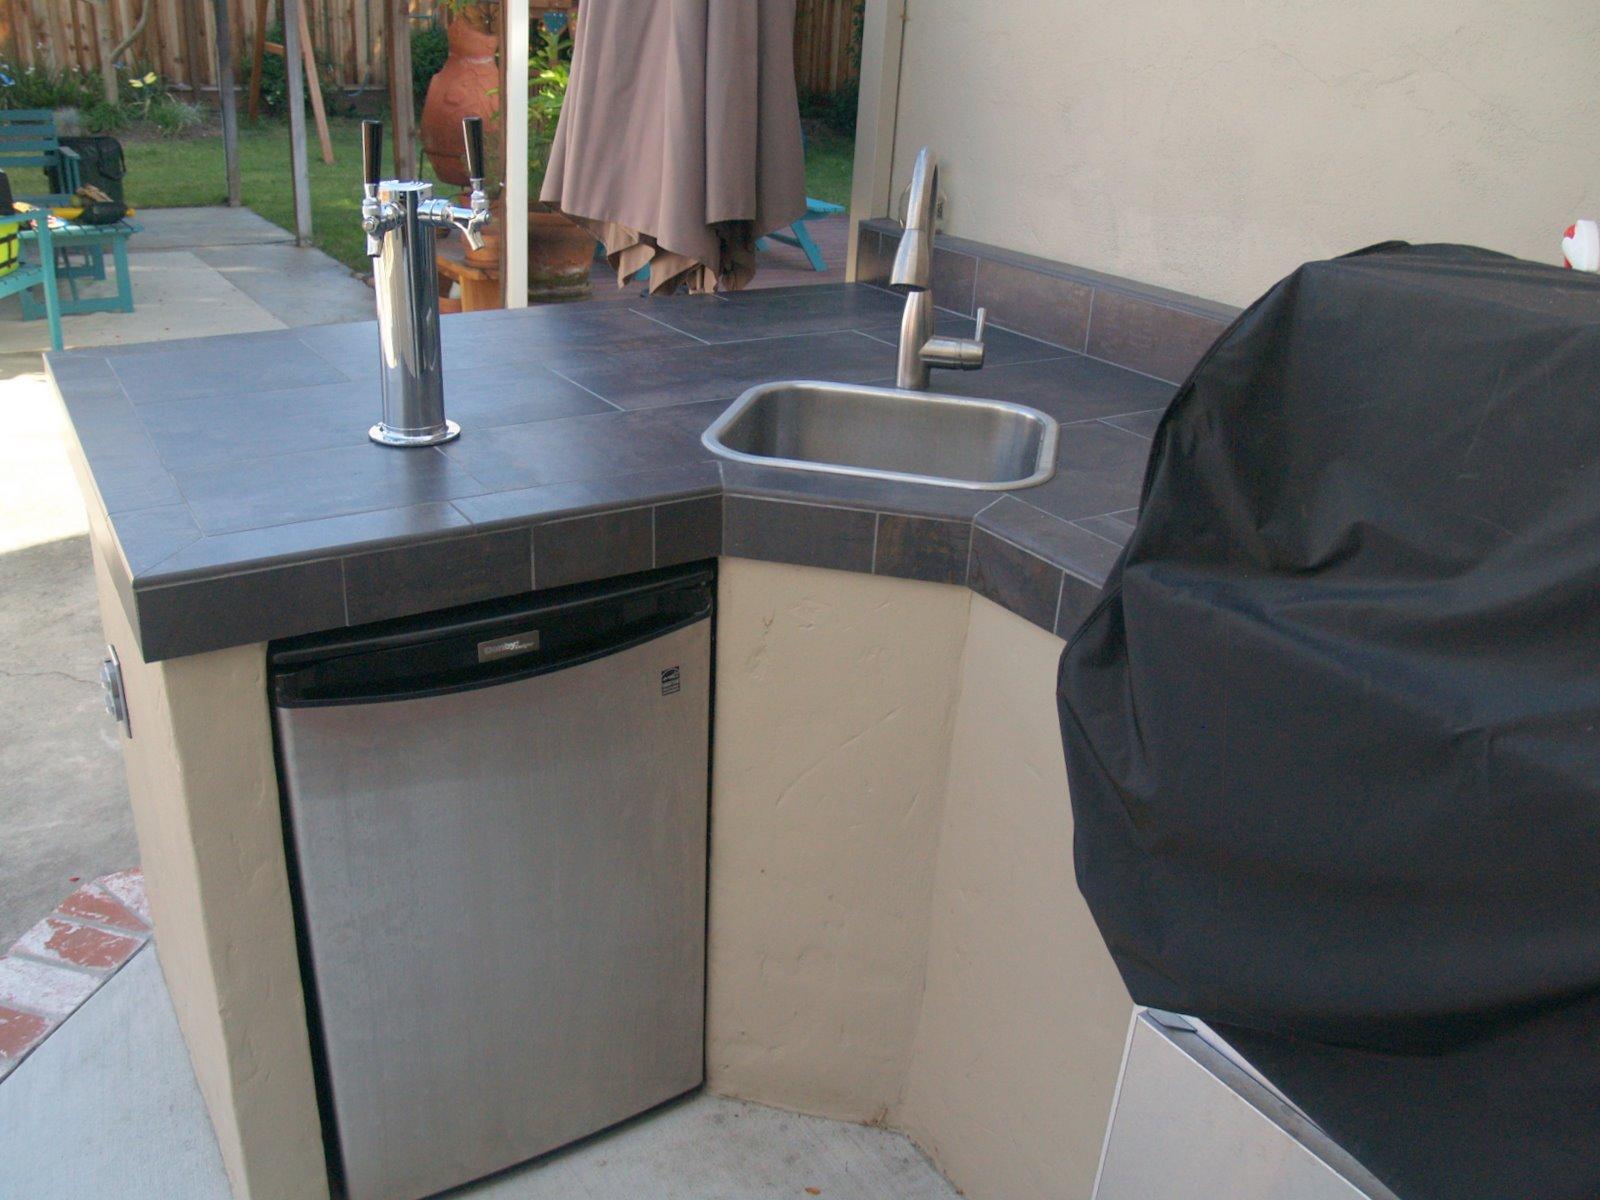 Countertop Kegerator : Guess What?: Kegerator conversion of Danby mini-fridge